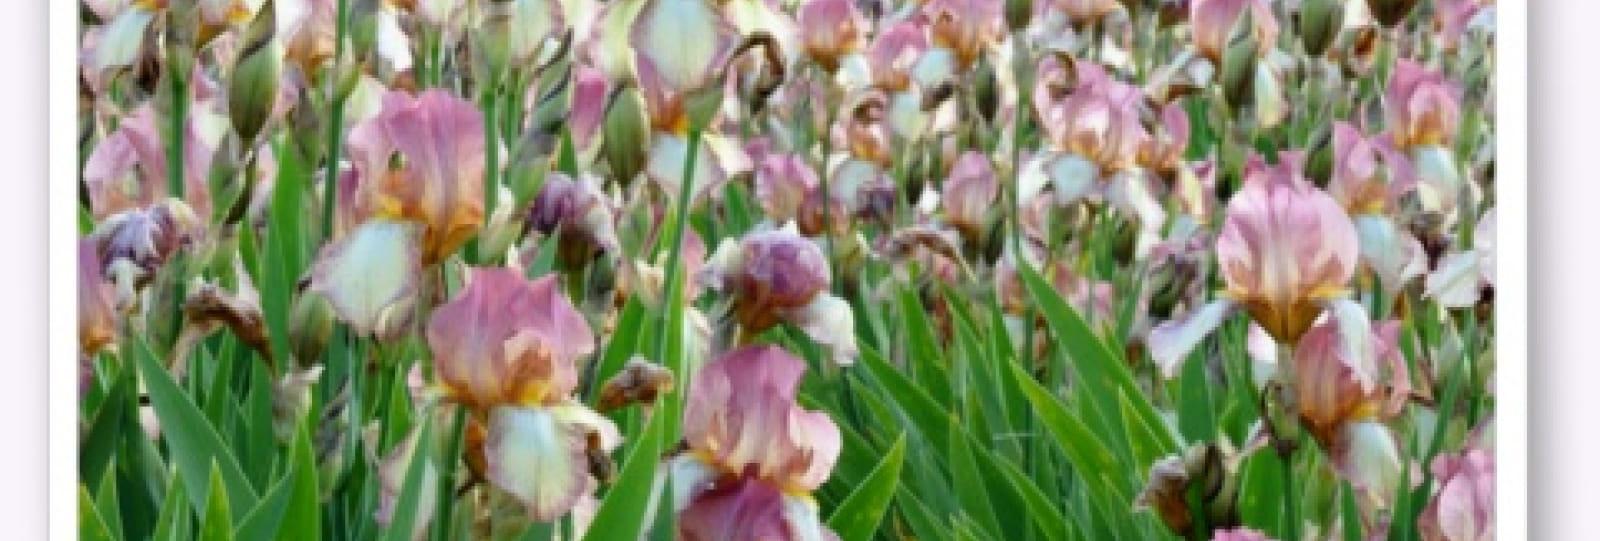 Iris et bulbes de la Garenne